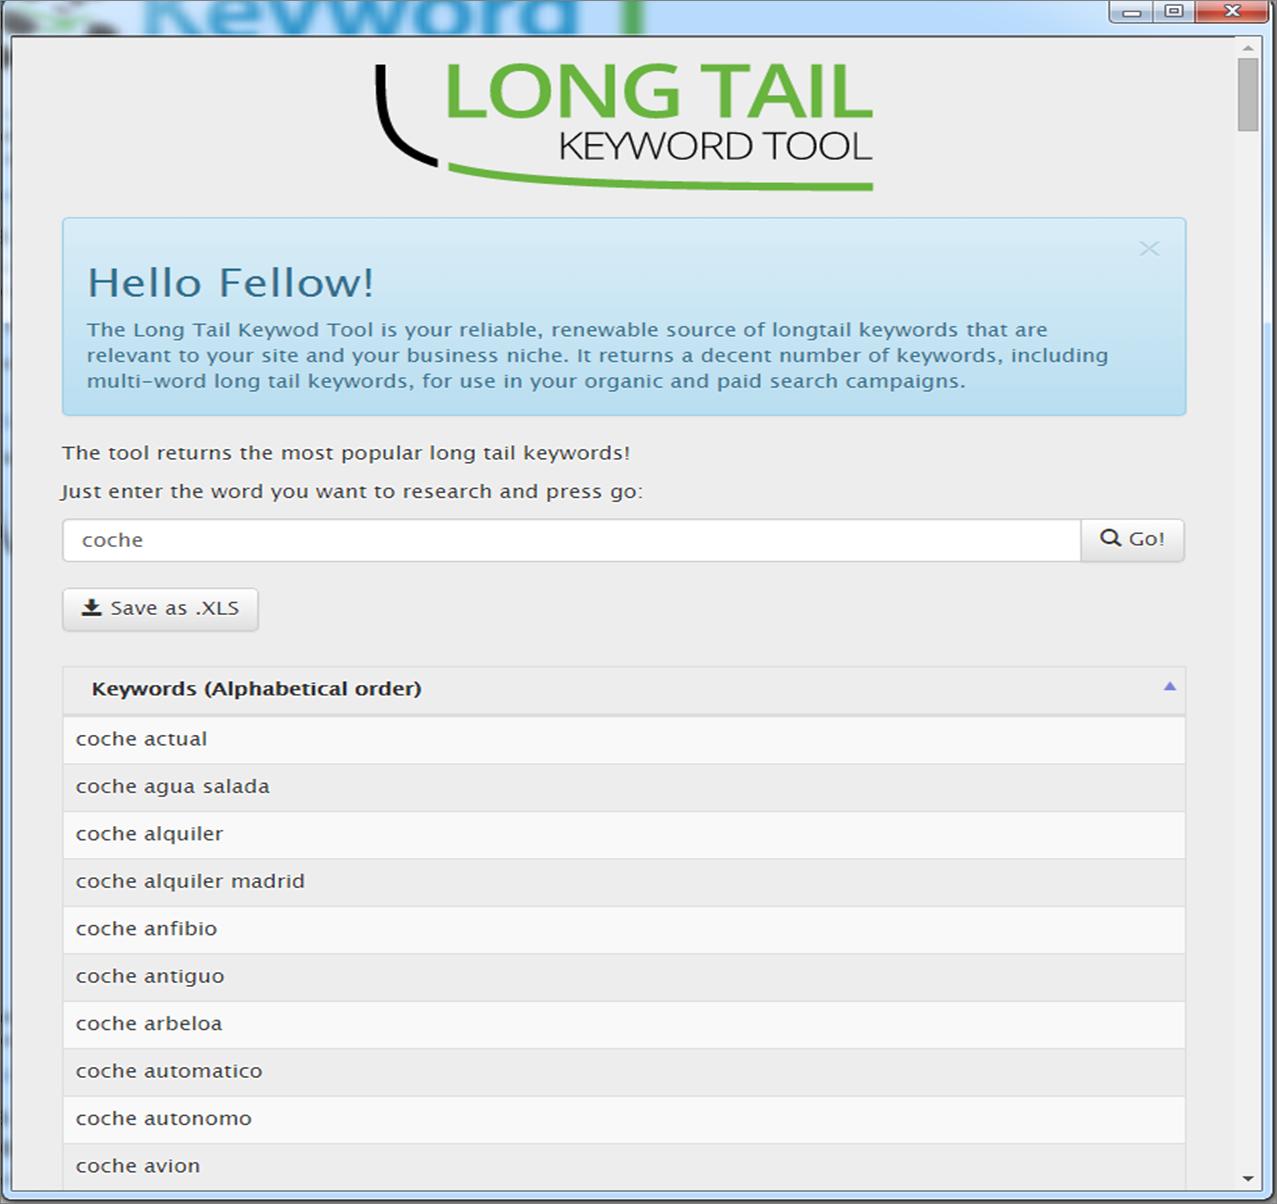 Herramienta de palabra clave - Keyword long tail